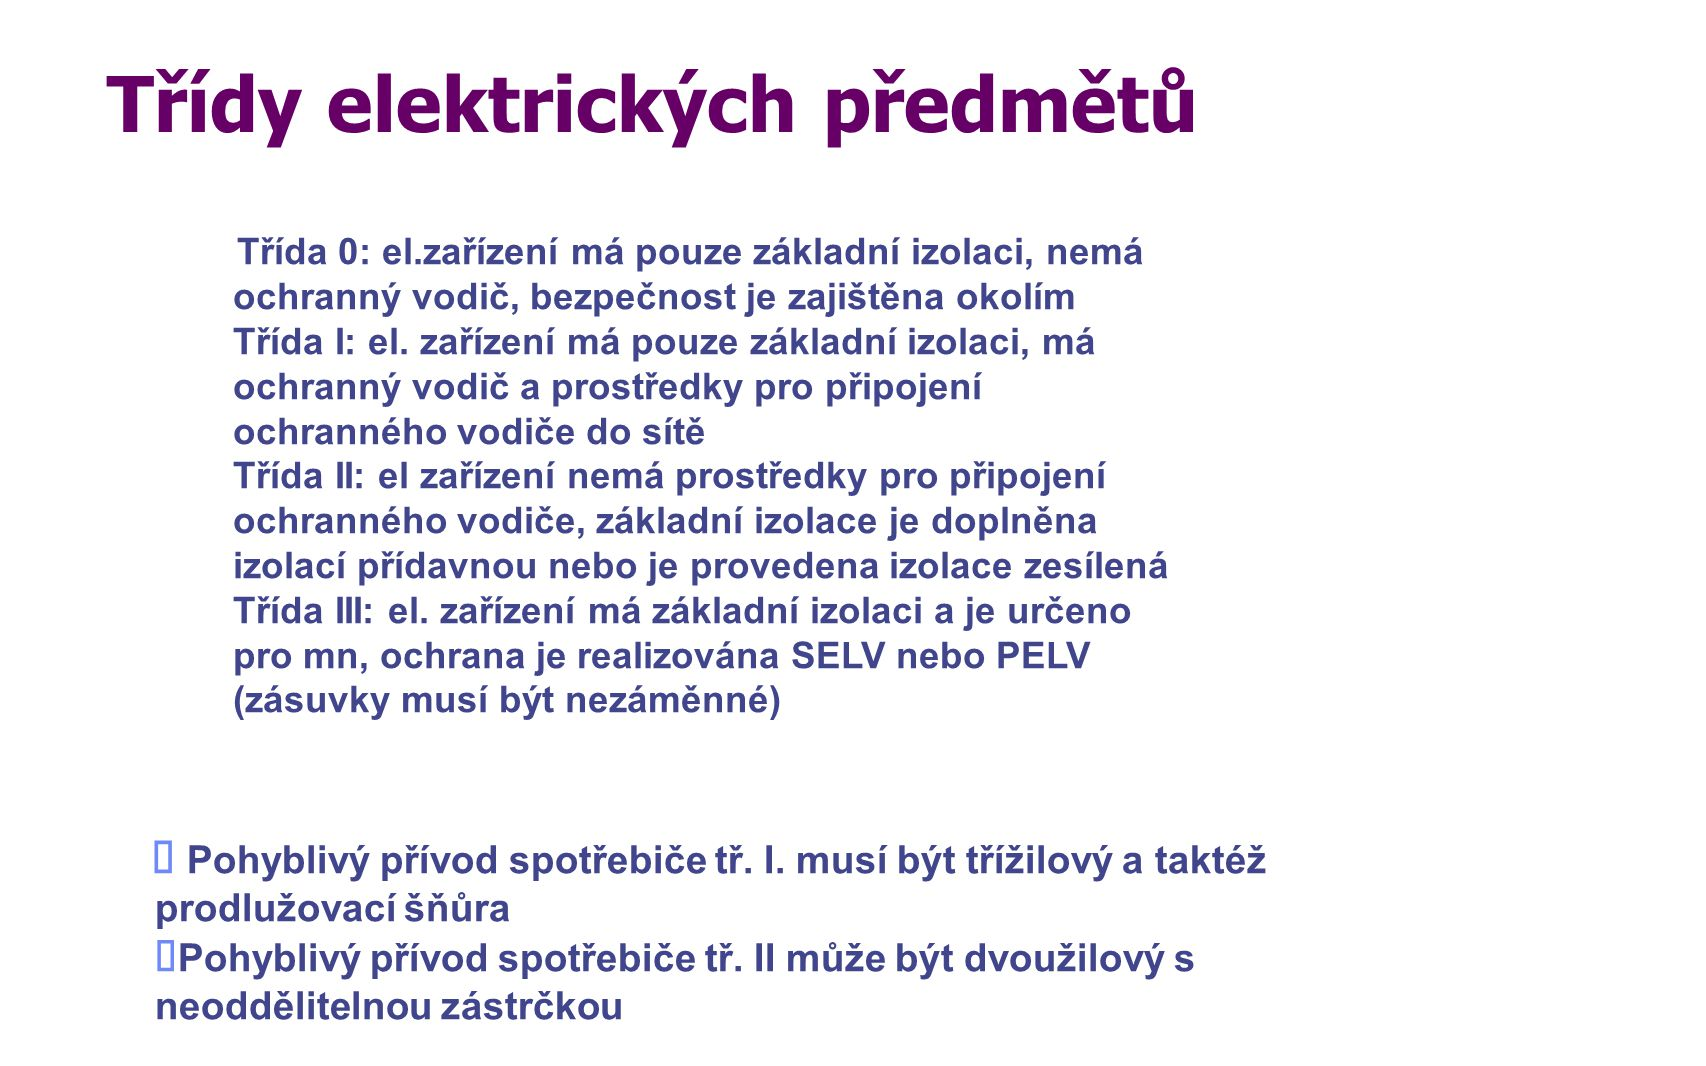 Třídy elektrických předmětů  Pohyblivý přívod spotřebiče tř. I. musí být třížilový a taktéž prodlužovací šňůra  Pohyblivý přívod spotřebiče tř. II